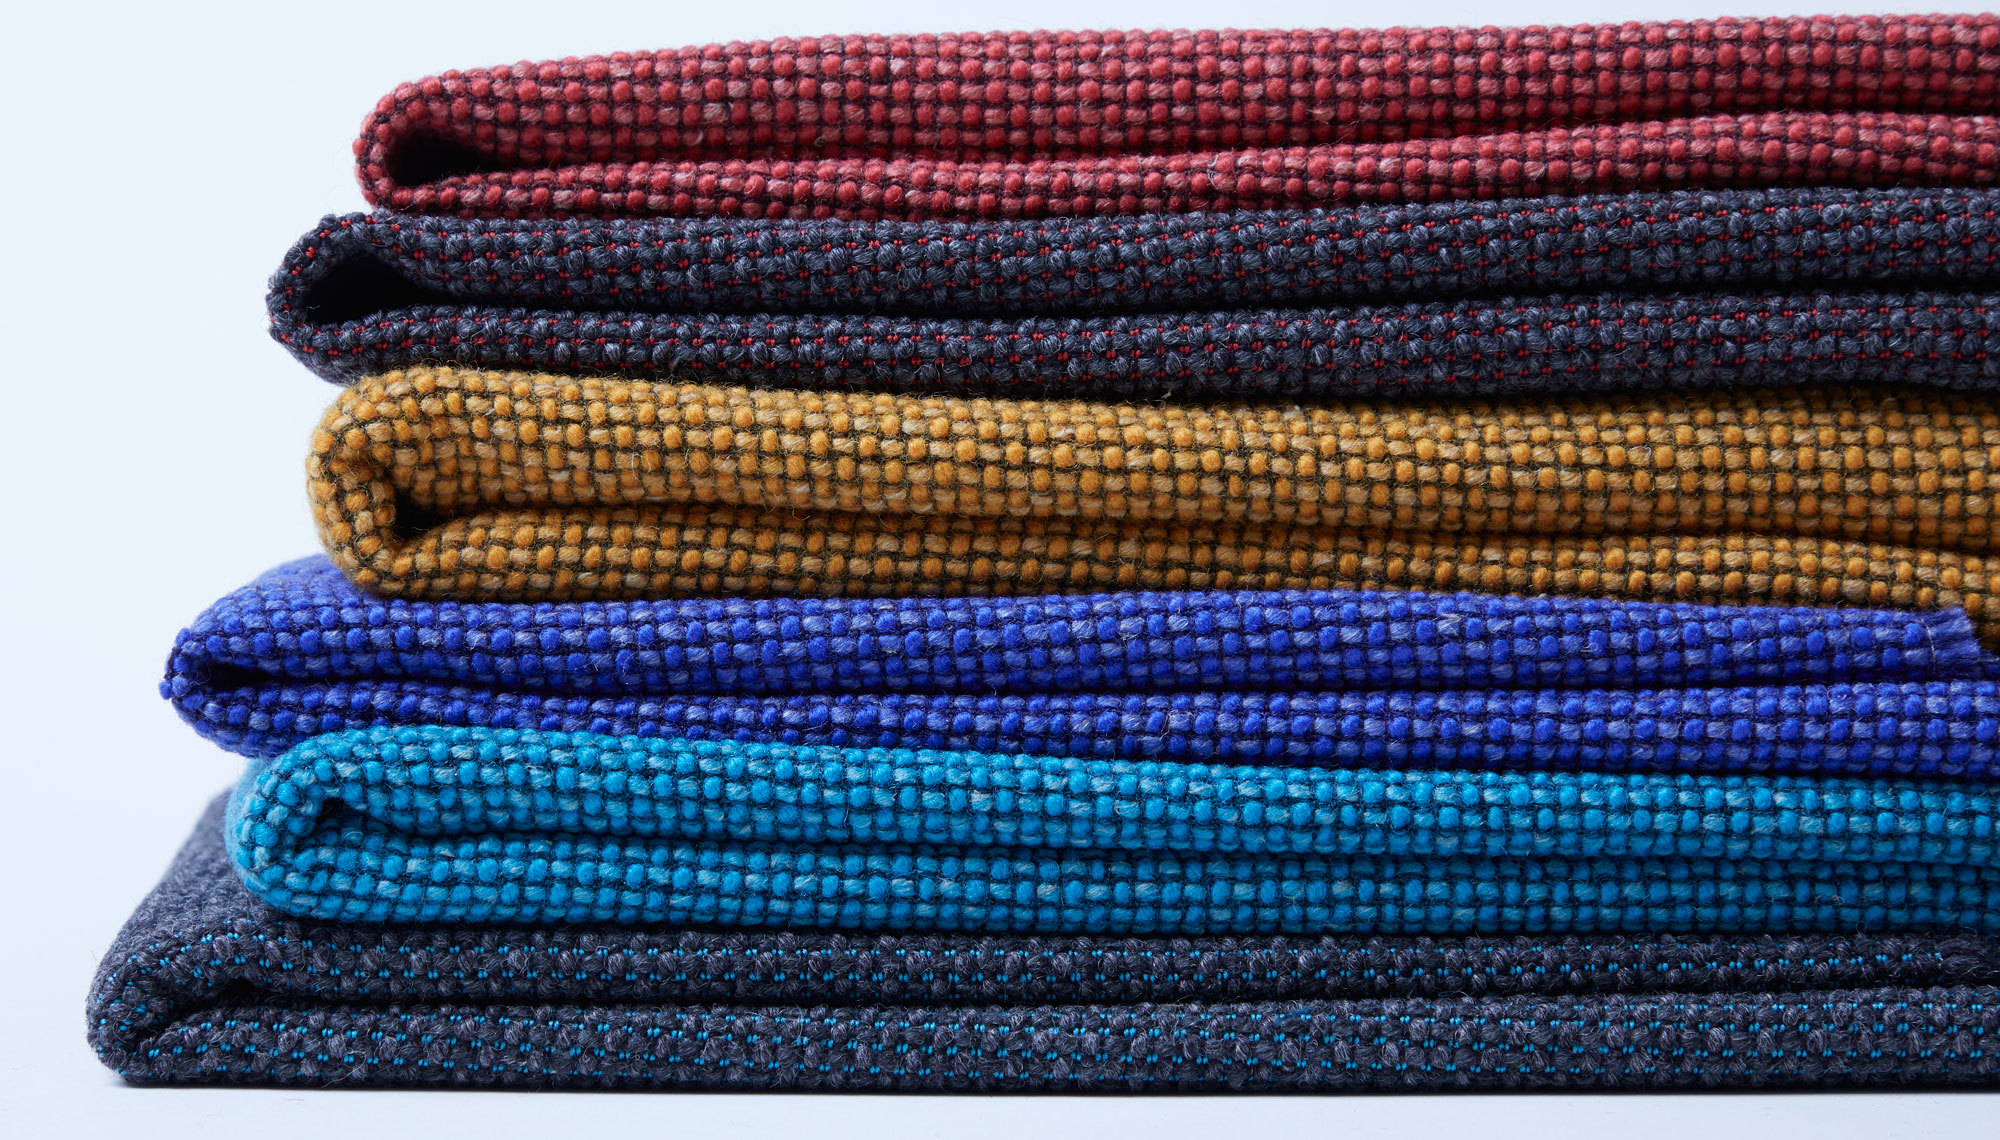 Trend #5: Die Farben kommen! Textilkollektion Craggan Flax, Camira. Foto/ Copyright: Camira